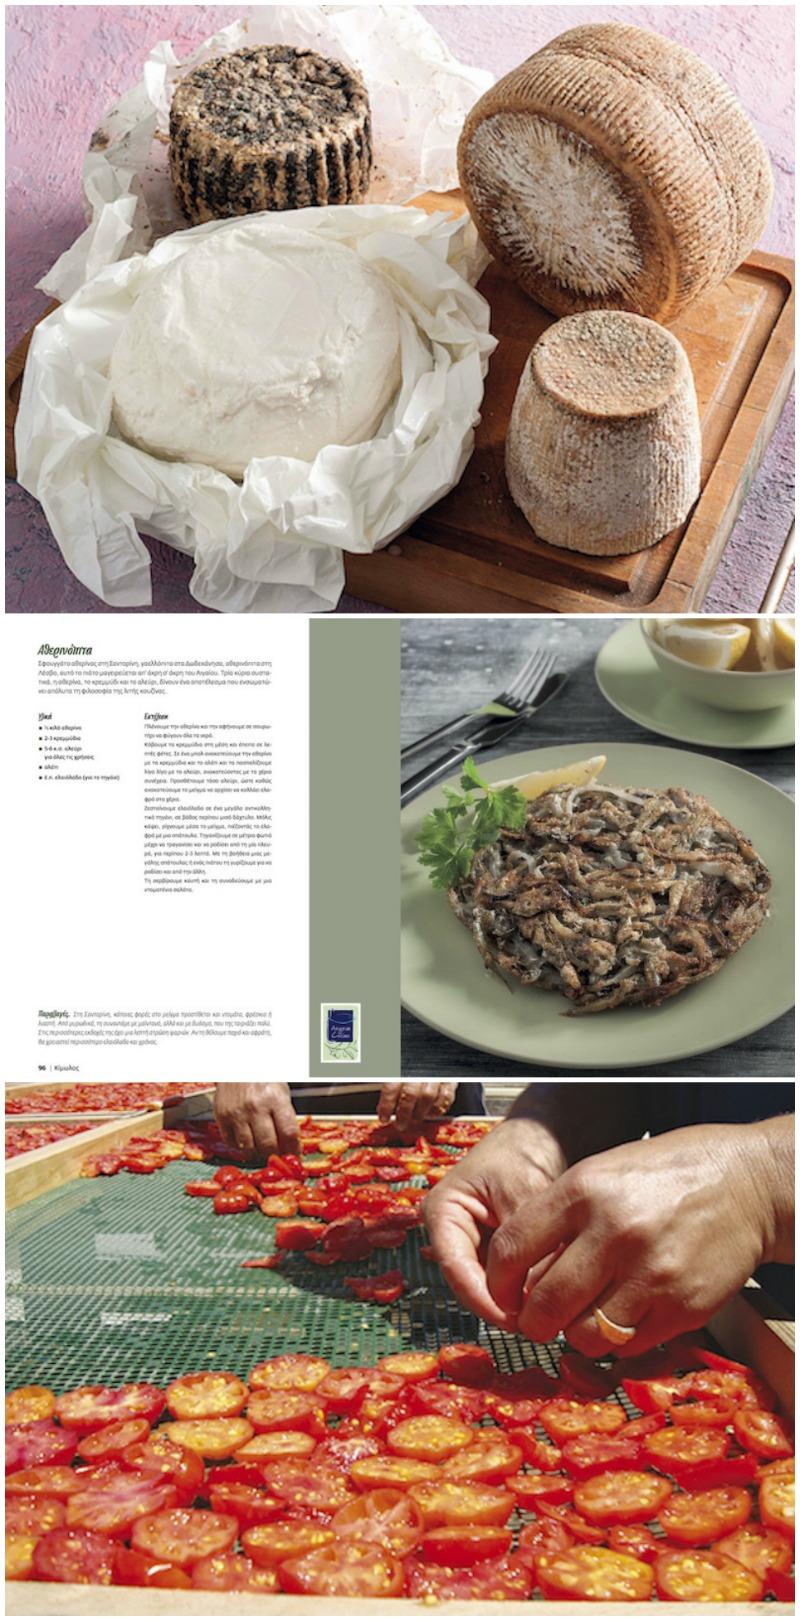 Του ανέμου και της αρμύρας: τυροκομία, αθερινόπιτα και λιαστές ντομάτες στη μαγειρική των Κυκλάδων